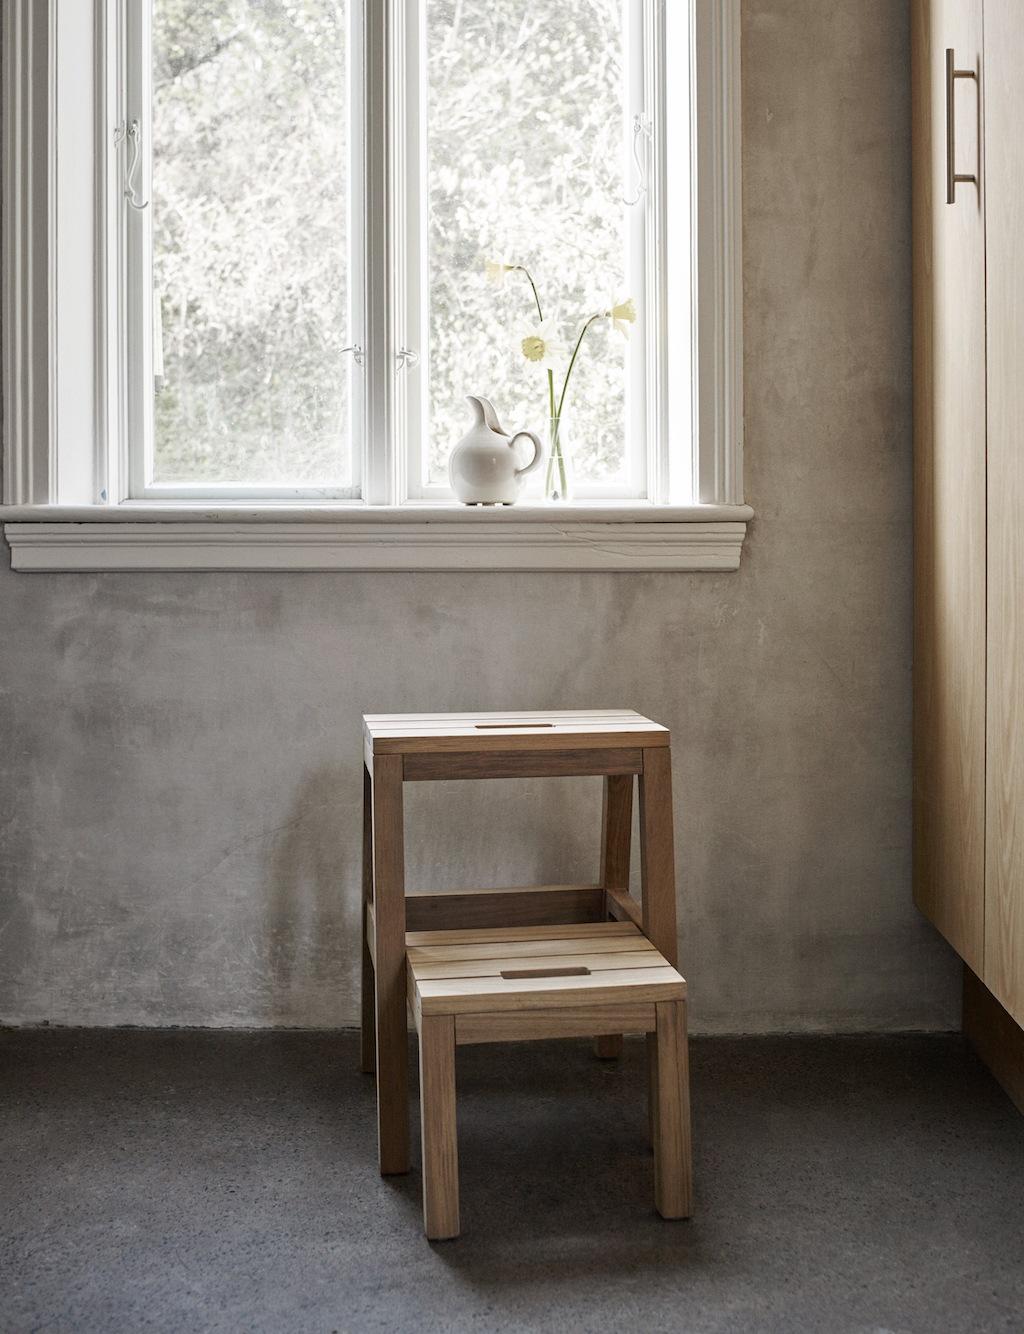 Hocker von Skagerak aus FSC-zertifiziertem Holz. Nachhaltiges Design